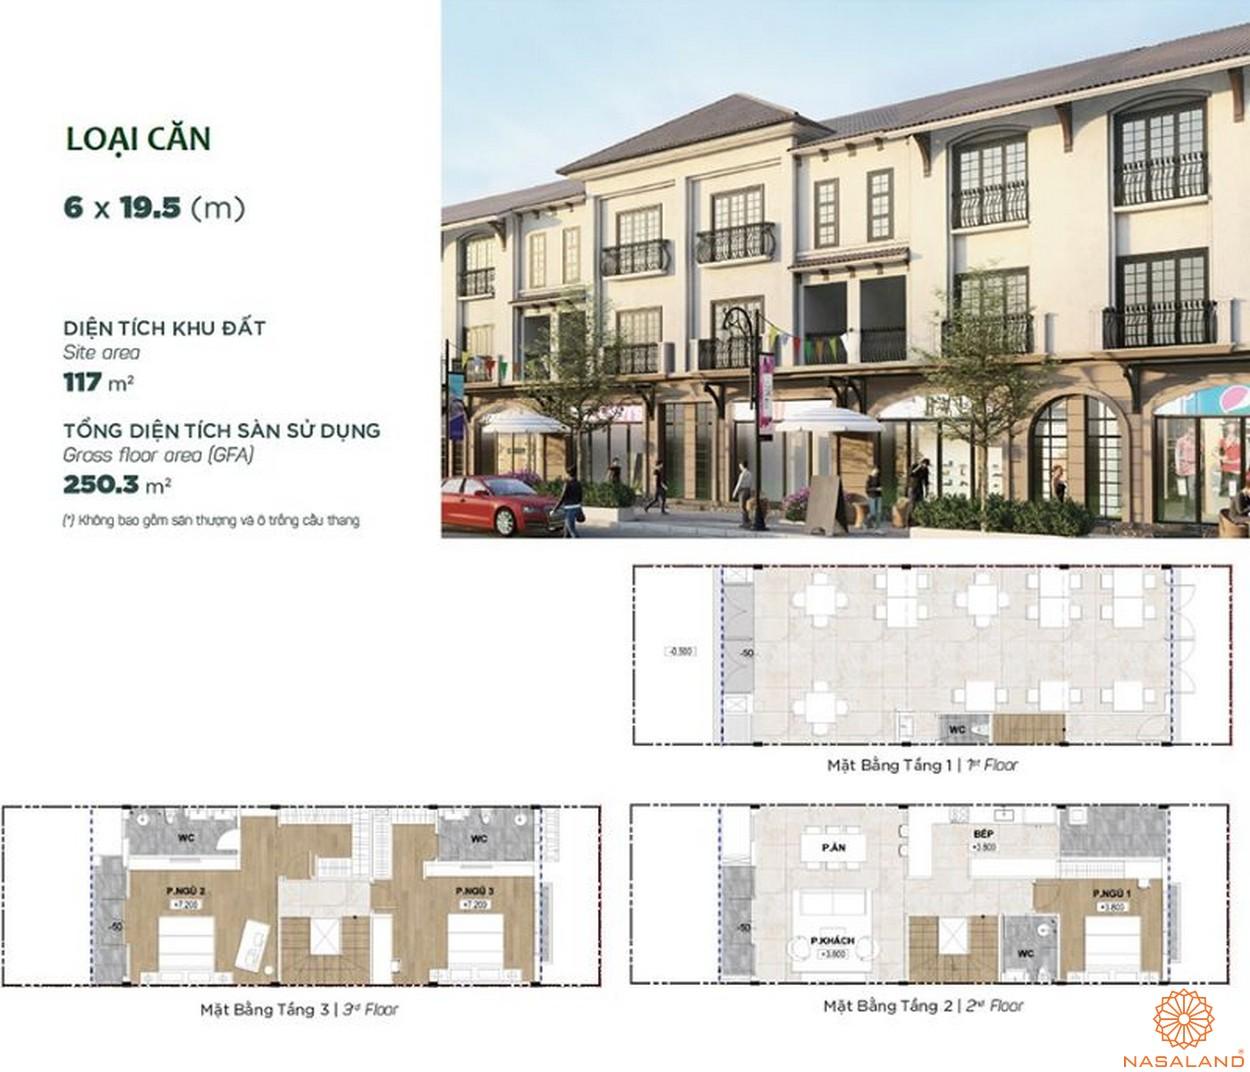 Thiết kế dự án biệt thự Aqua City Đảo Phượng Hoàng Đồng Nai - shophouse 1